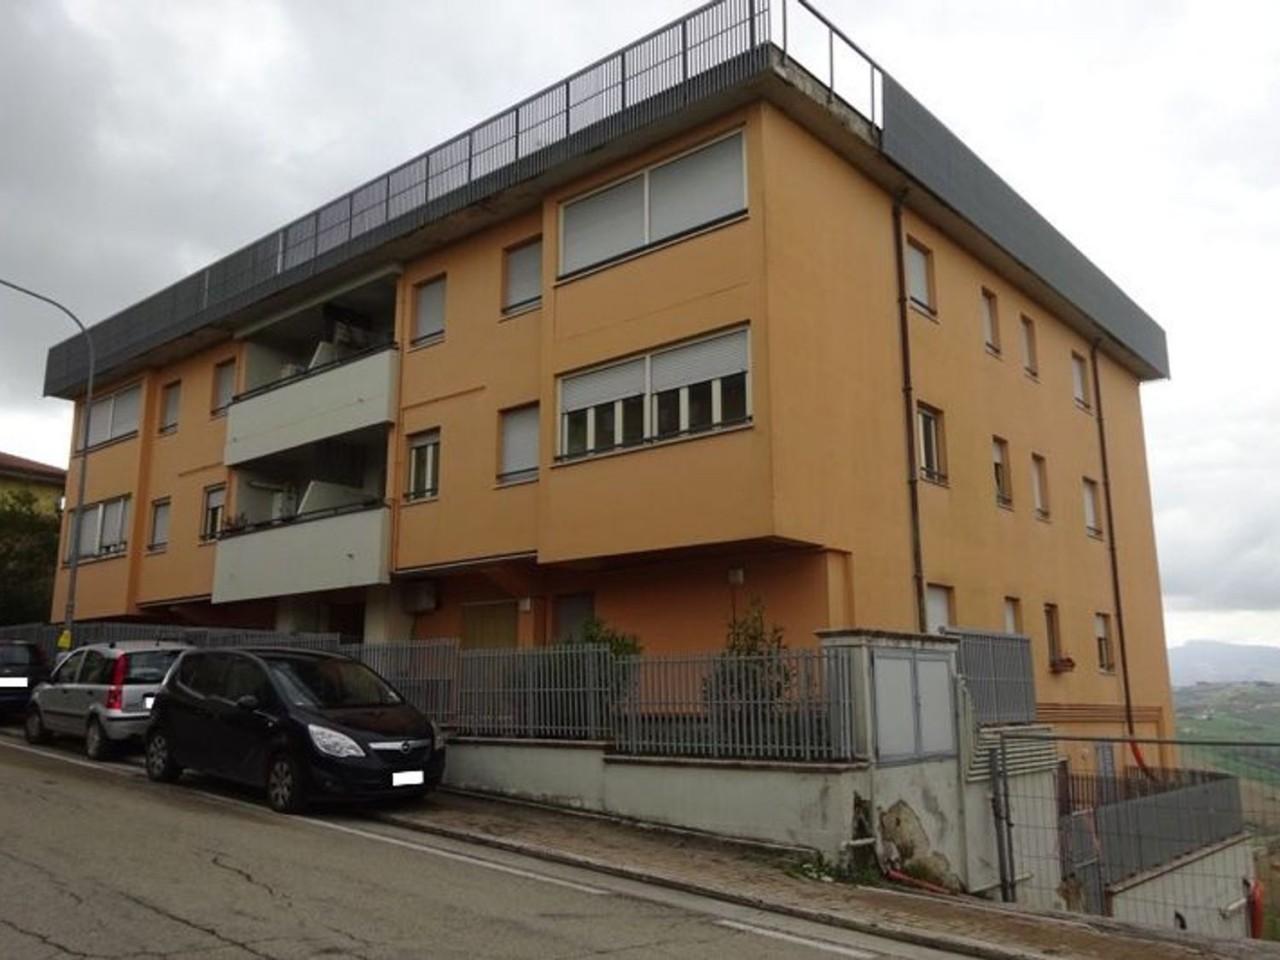 Appartamento con cantina e posto auto (Sub 4, 72, 44)